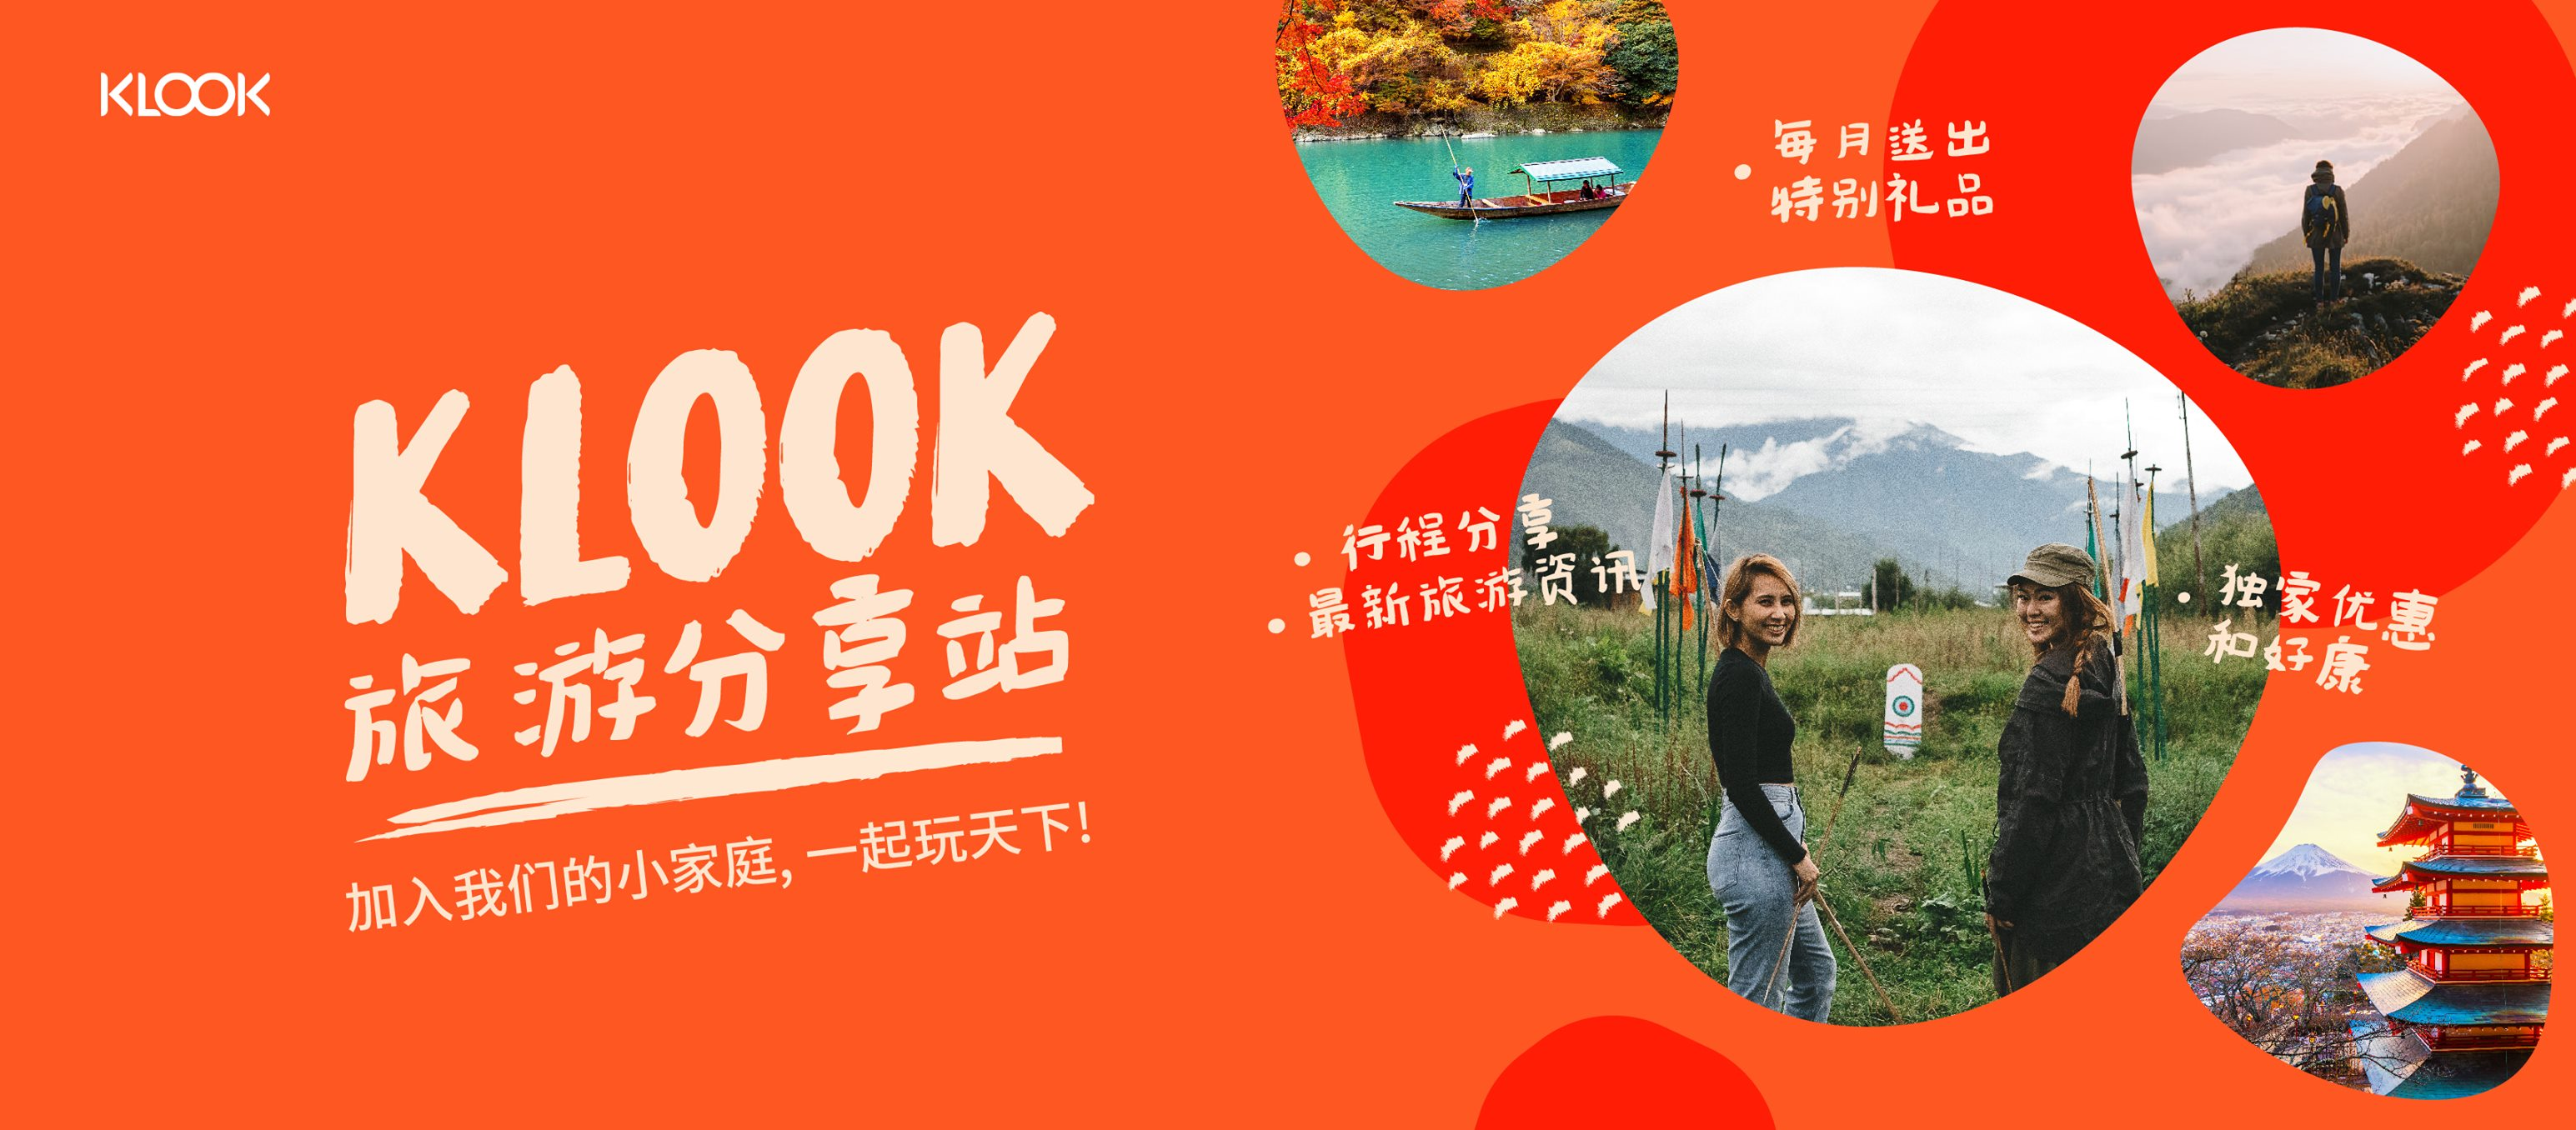 klook旅游分享站